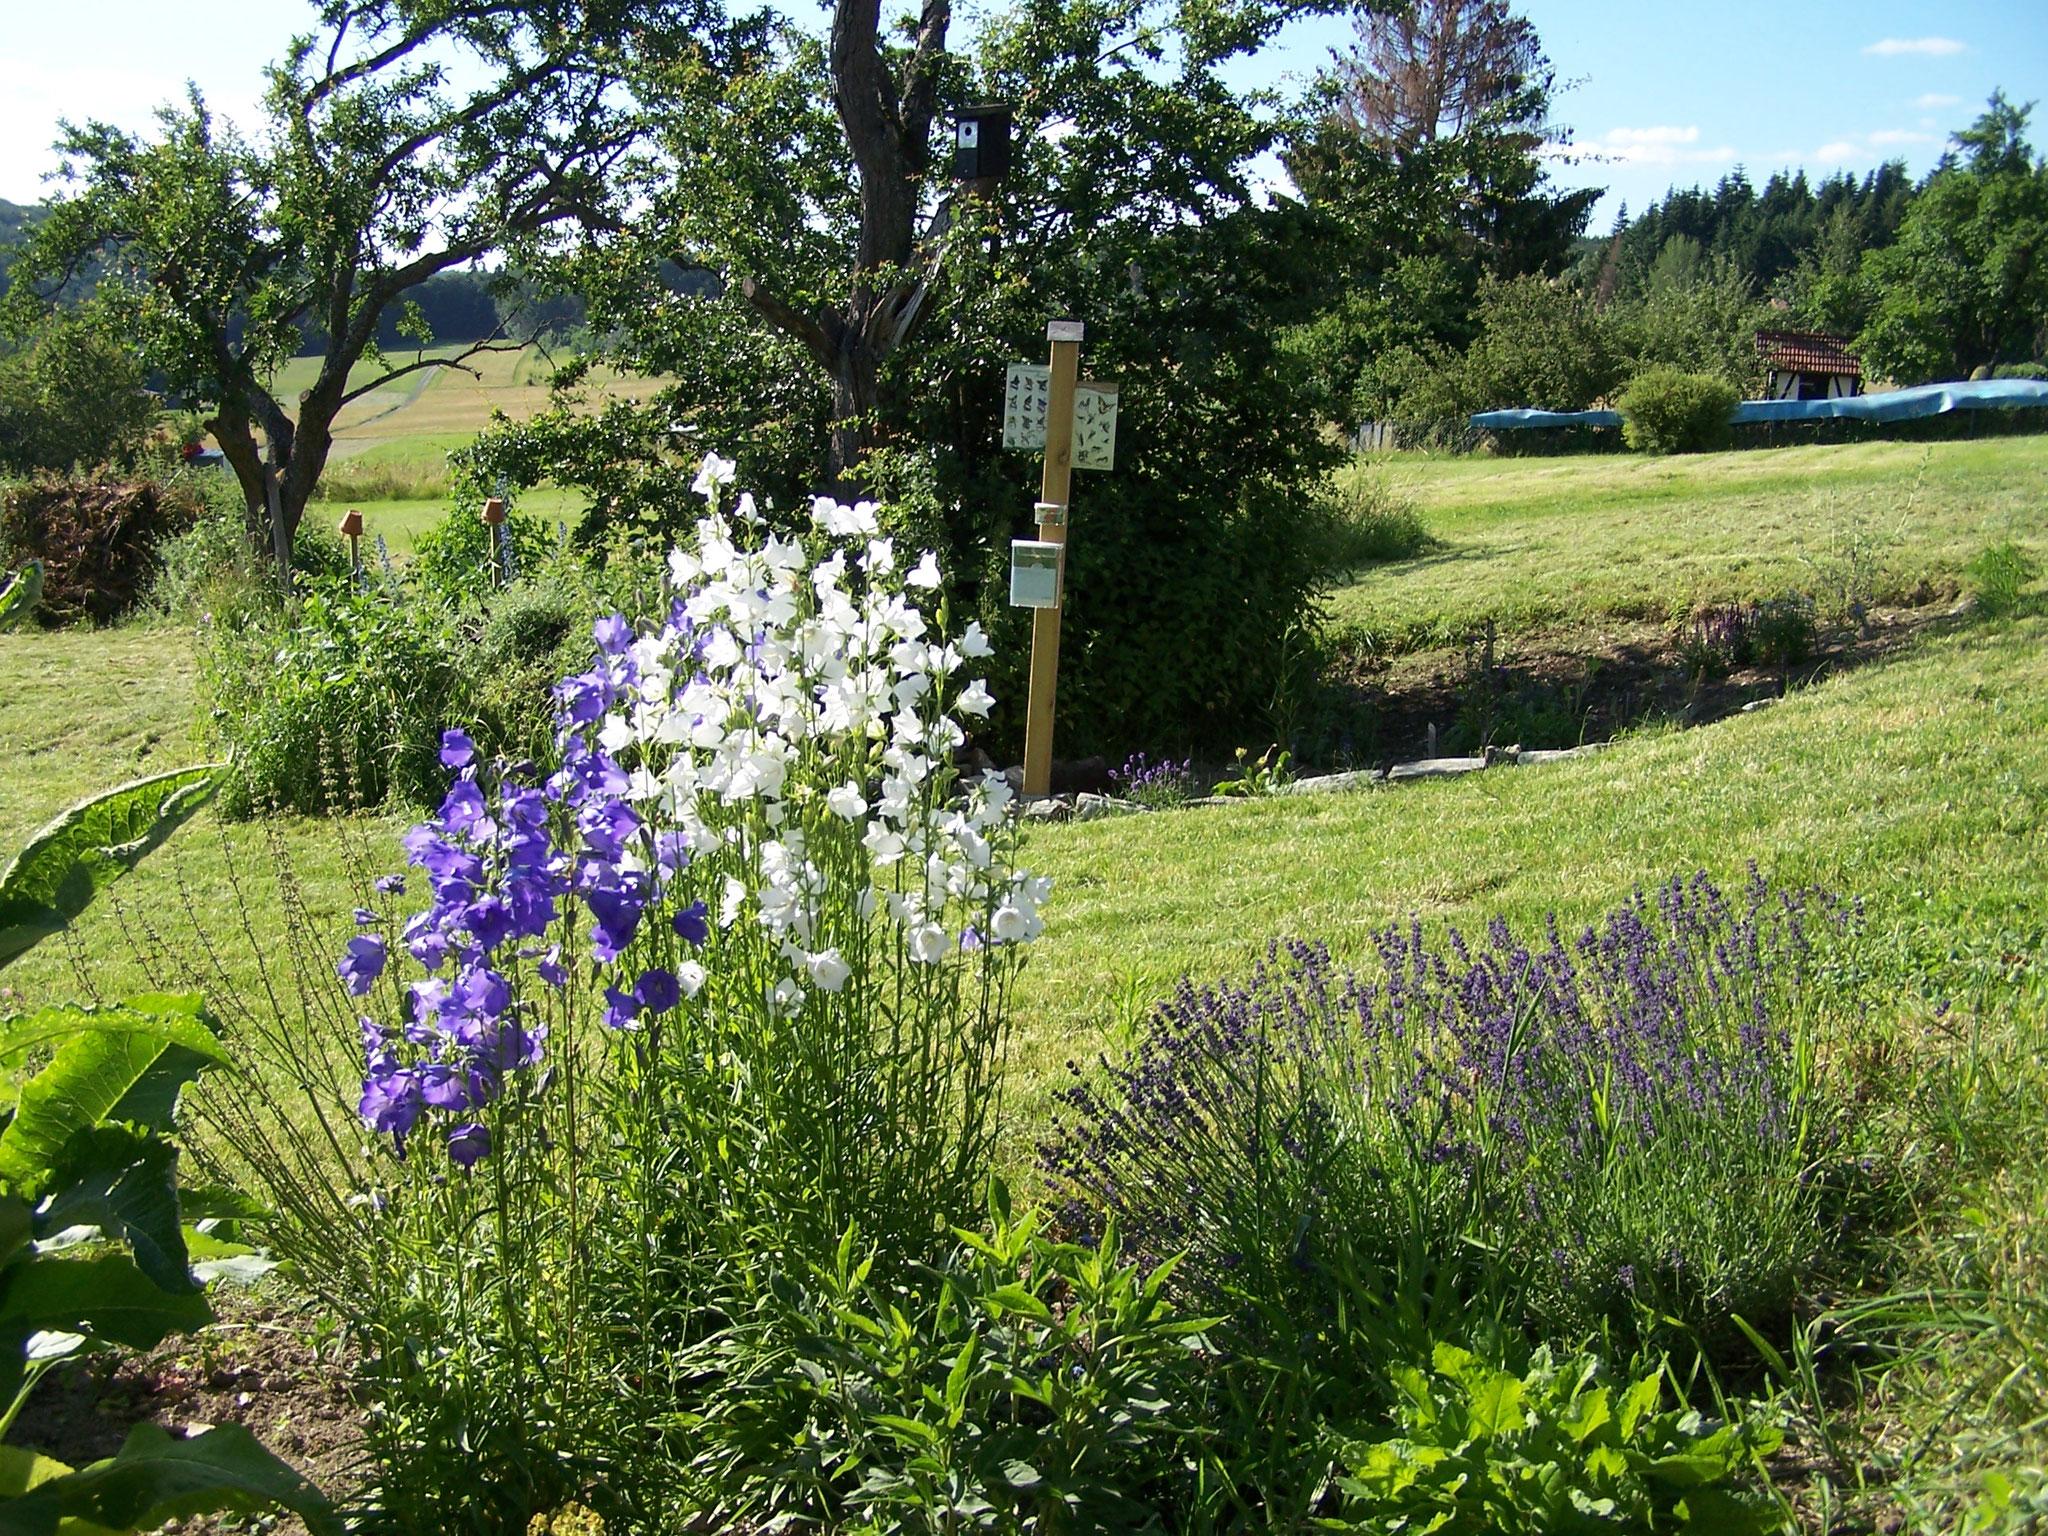 Glockenblumenblüte im Beet für Wildbienen und Schmetterlinge